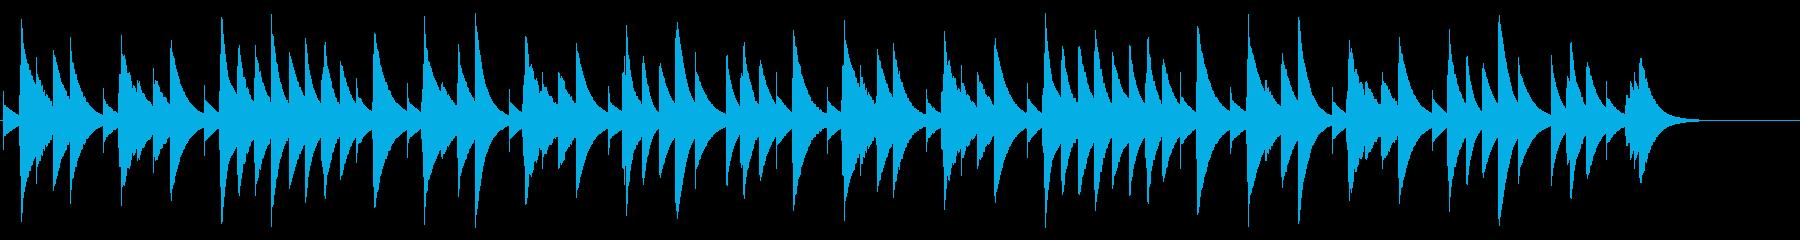 ハッピーバースデー カード式オルゴールの再生済みの波形